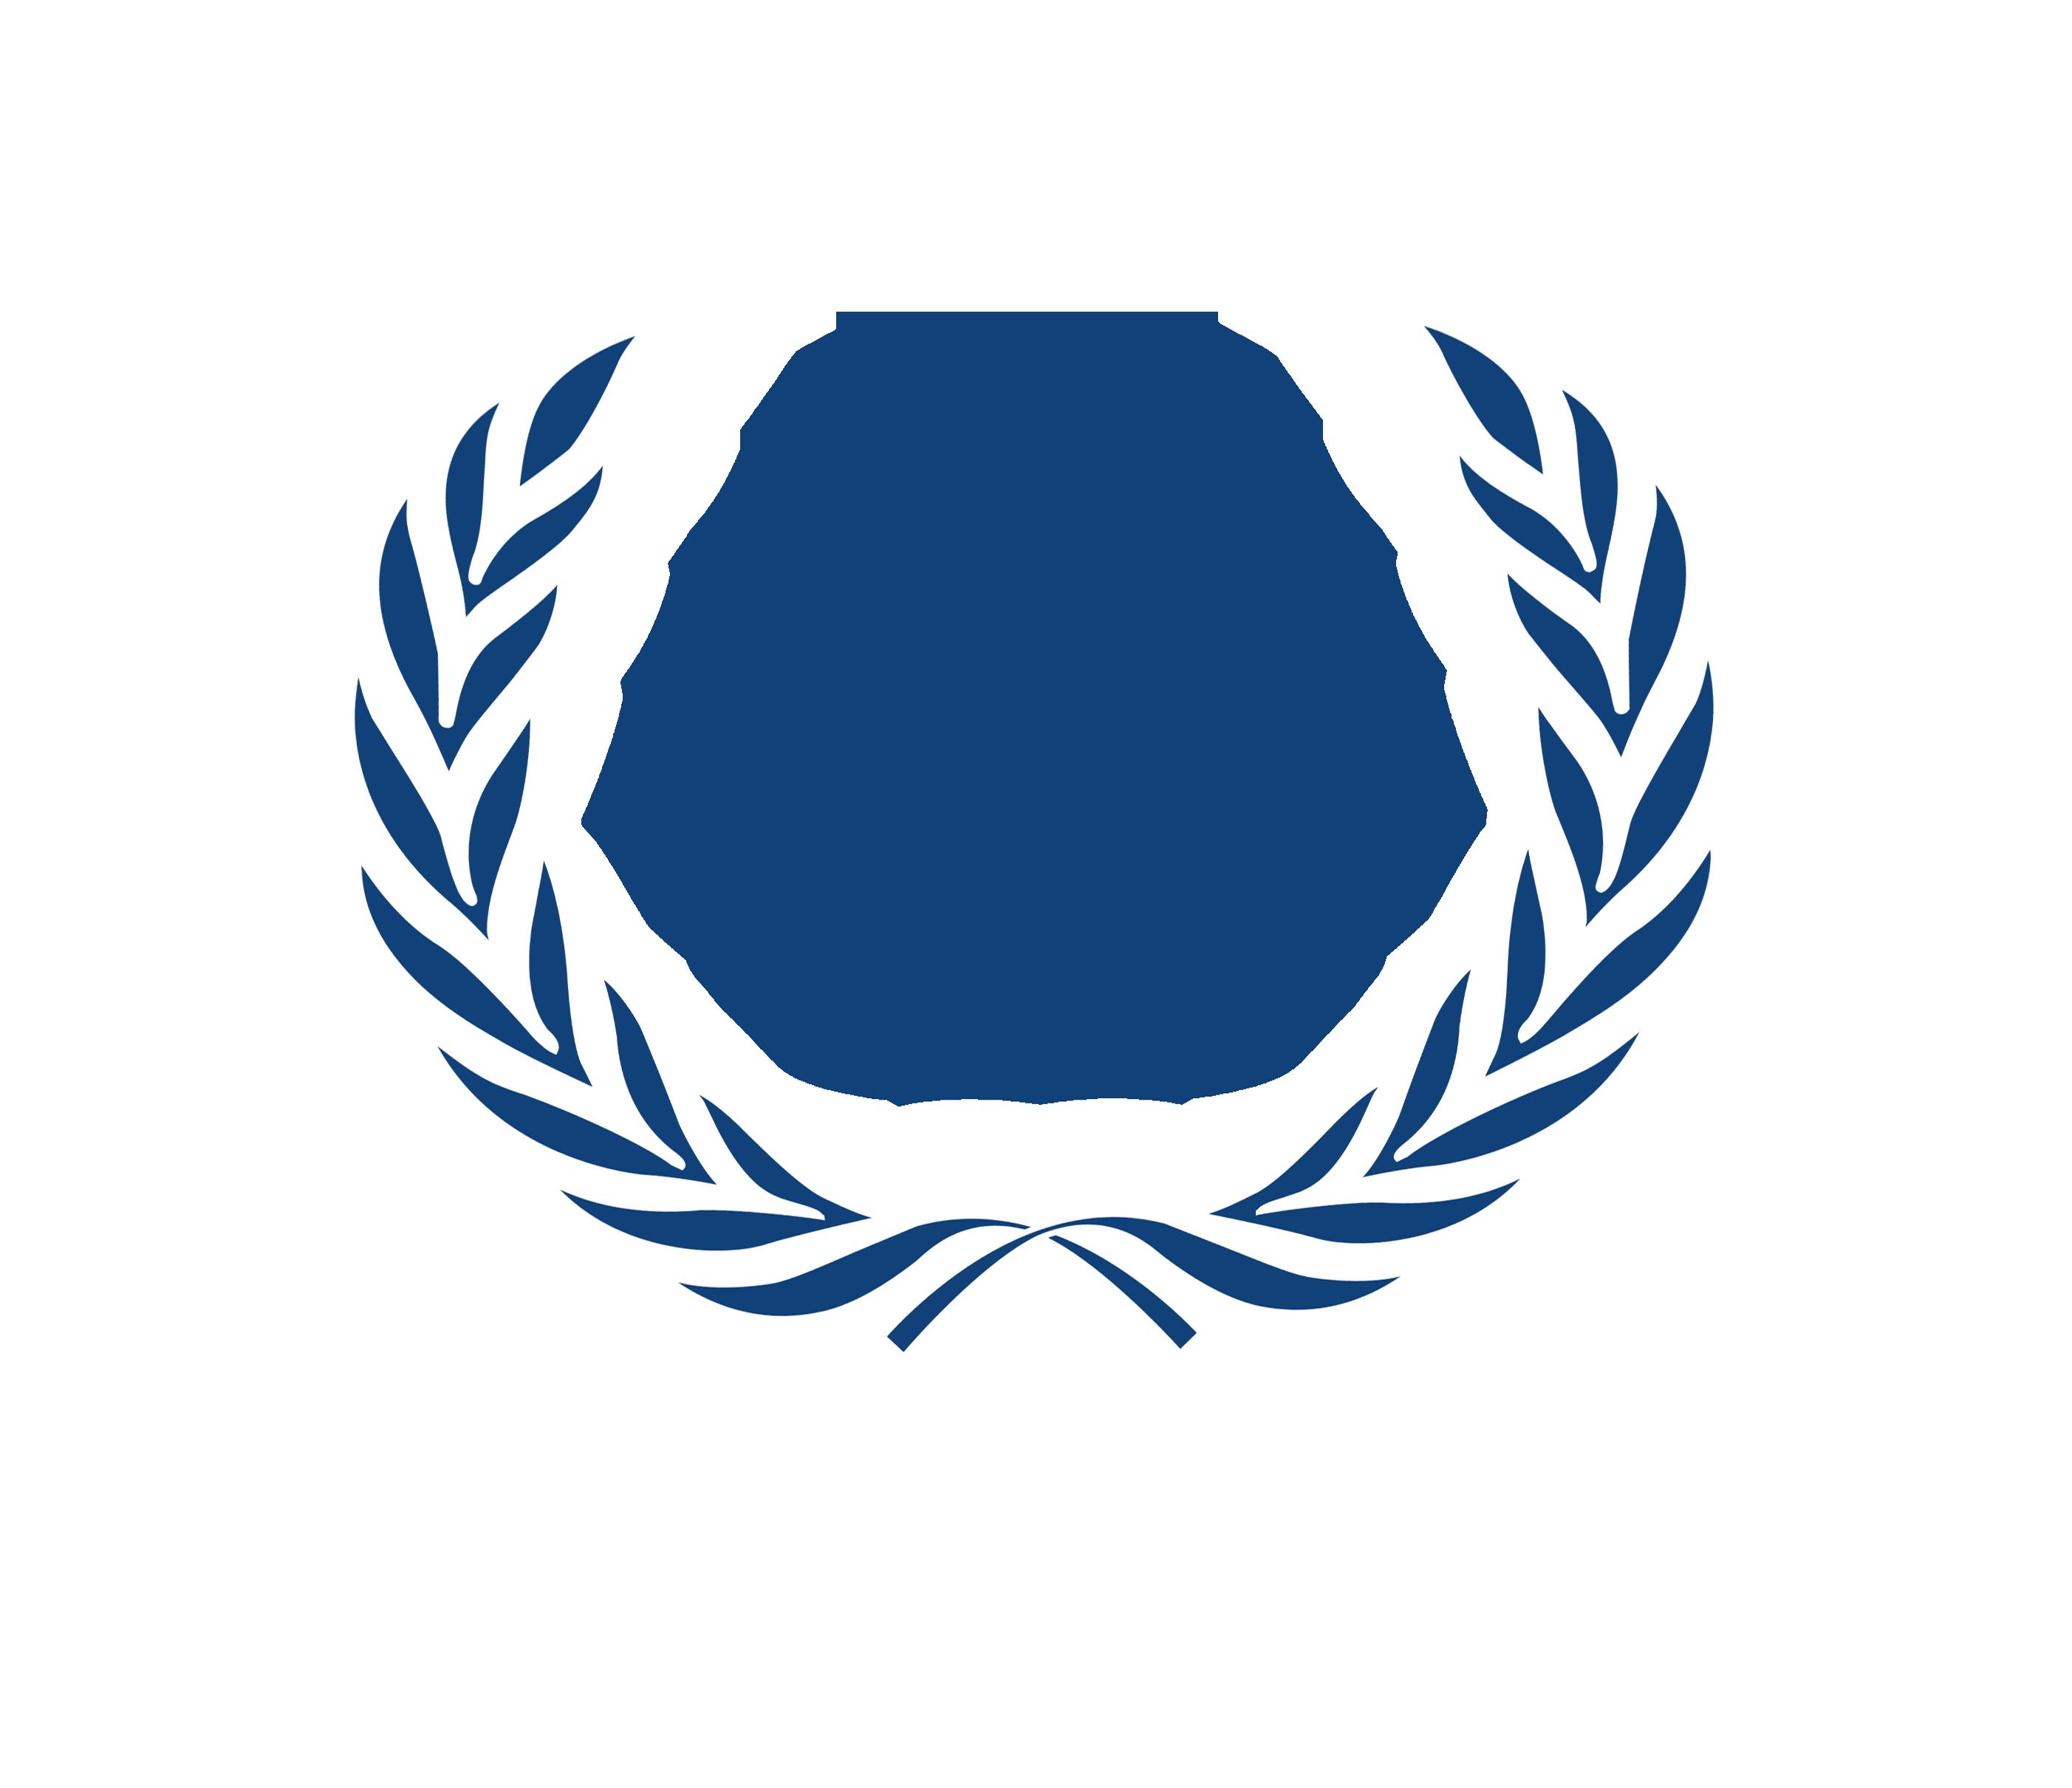 Egyetemes nyilatkozat a bioetikáról és az emberi jogokról